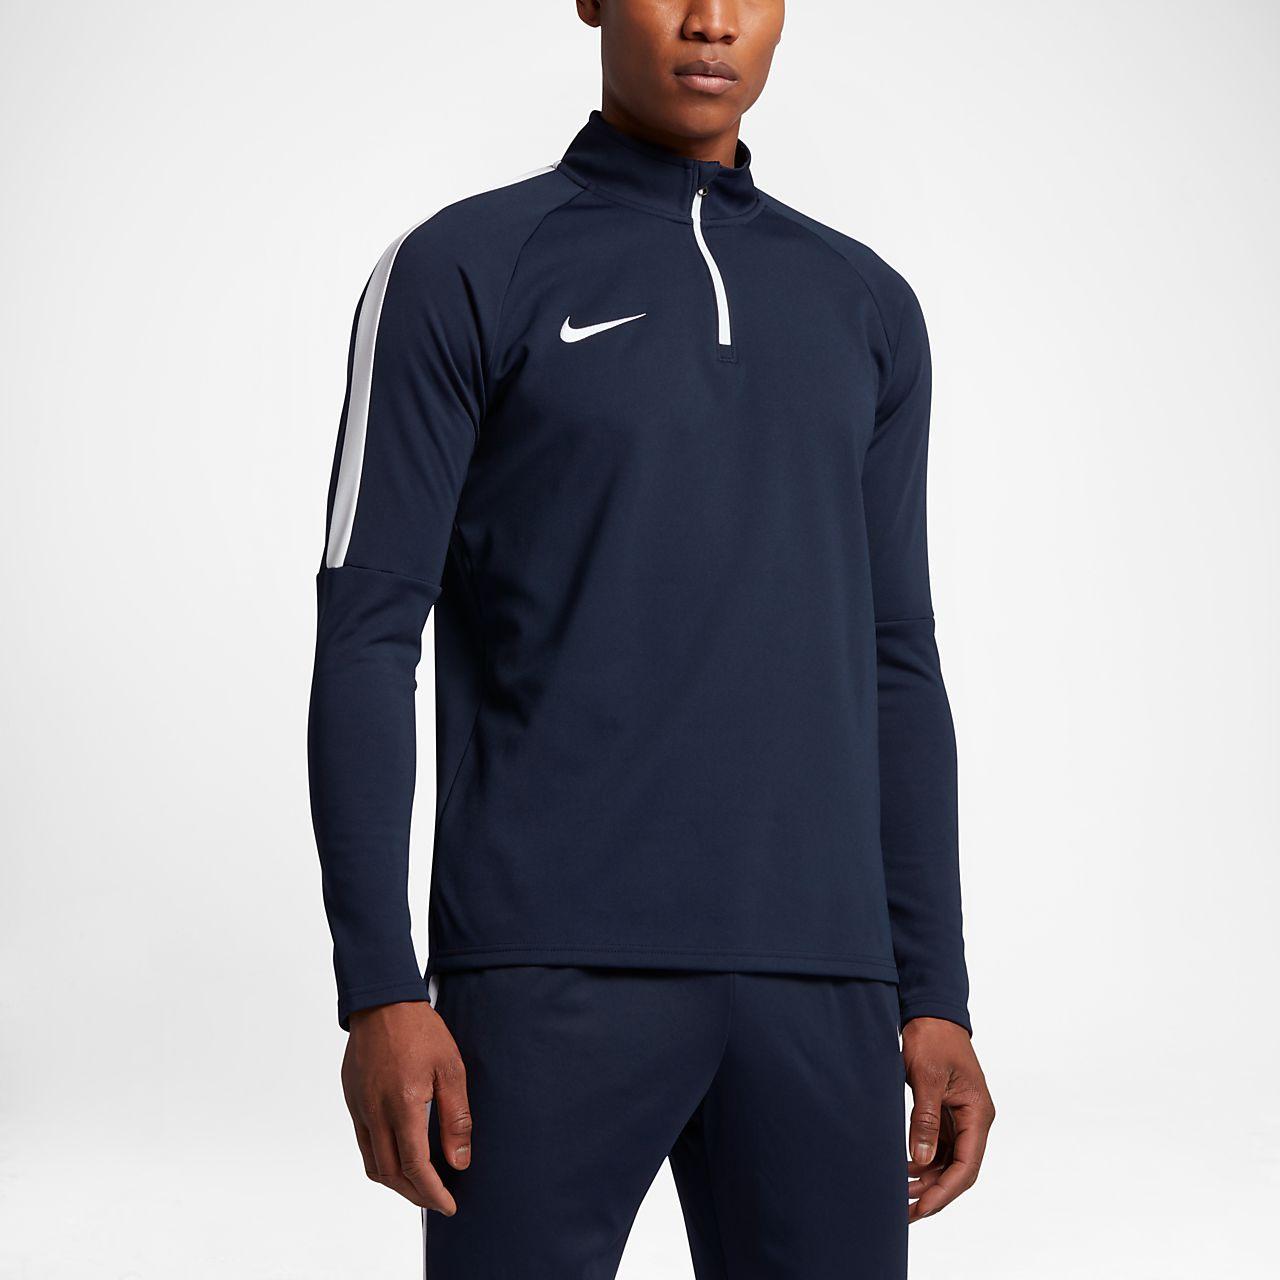 Nike Dri-FIT Academy rövid cipzáras férfi futballfelső futballgyakorlatokhoz